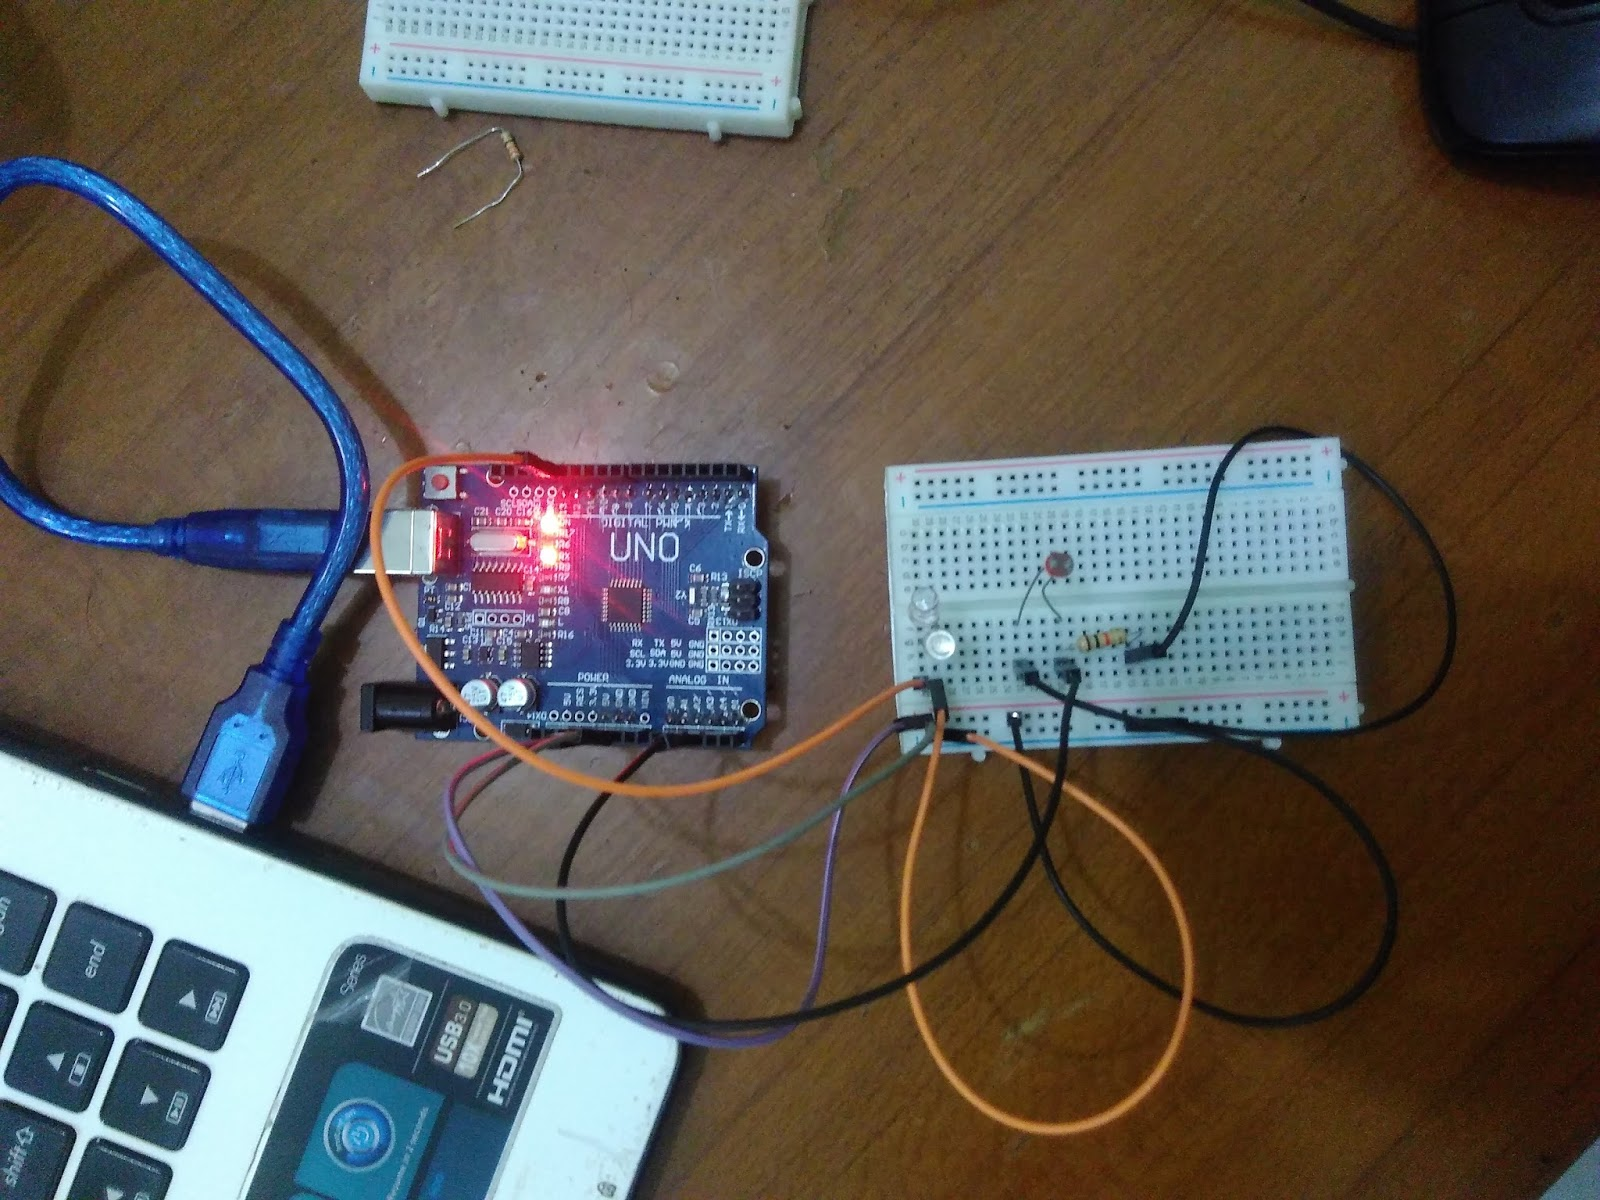 Membuat Sensor Cahaya Menggunakan Ldr Dan Arduino Uno Mechatronic Ivhasil Kerja